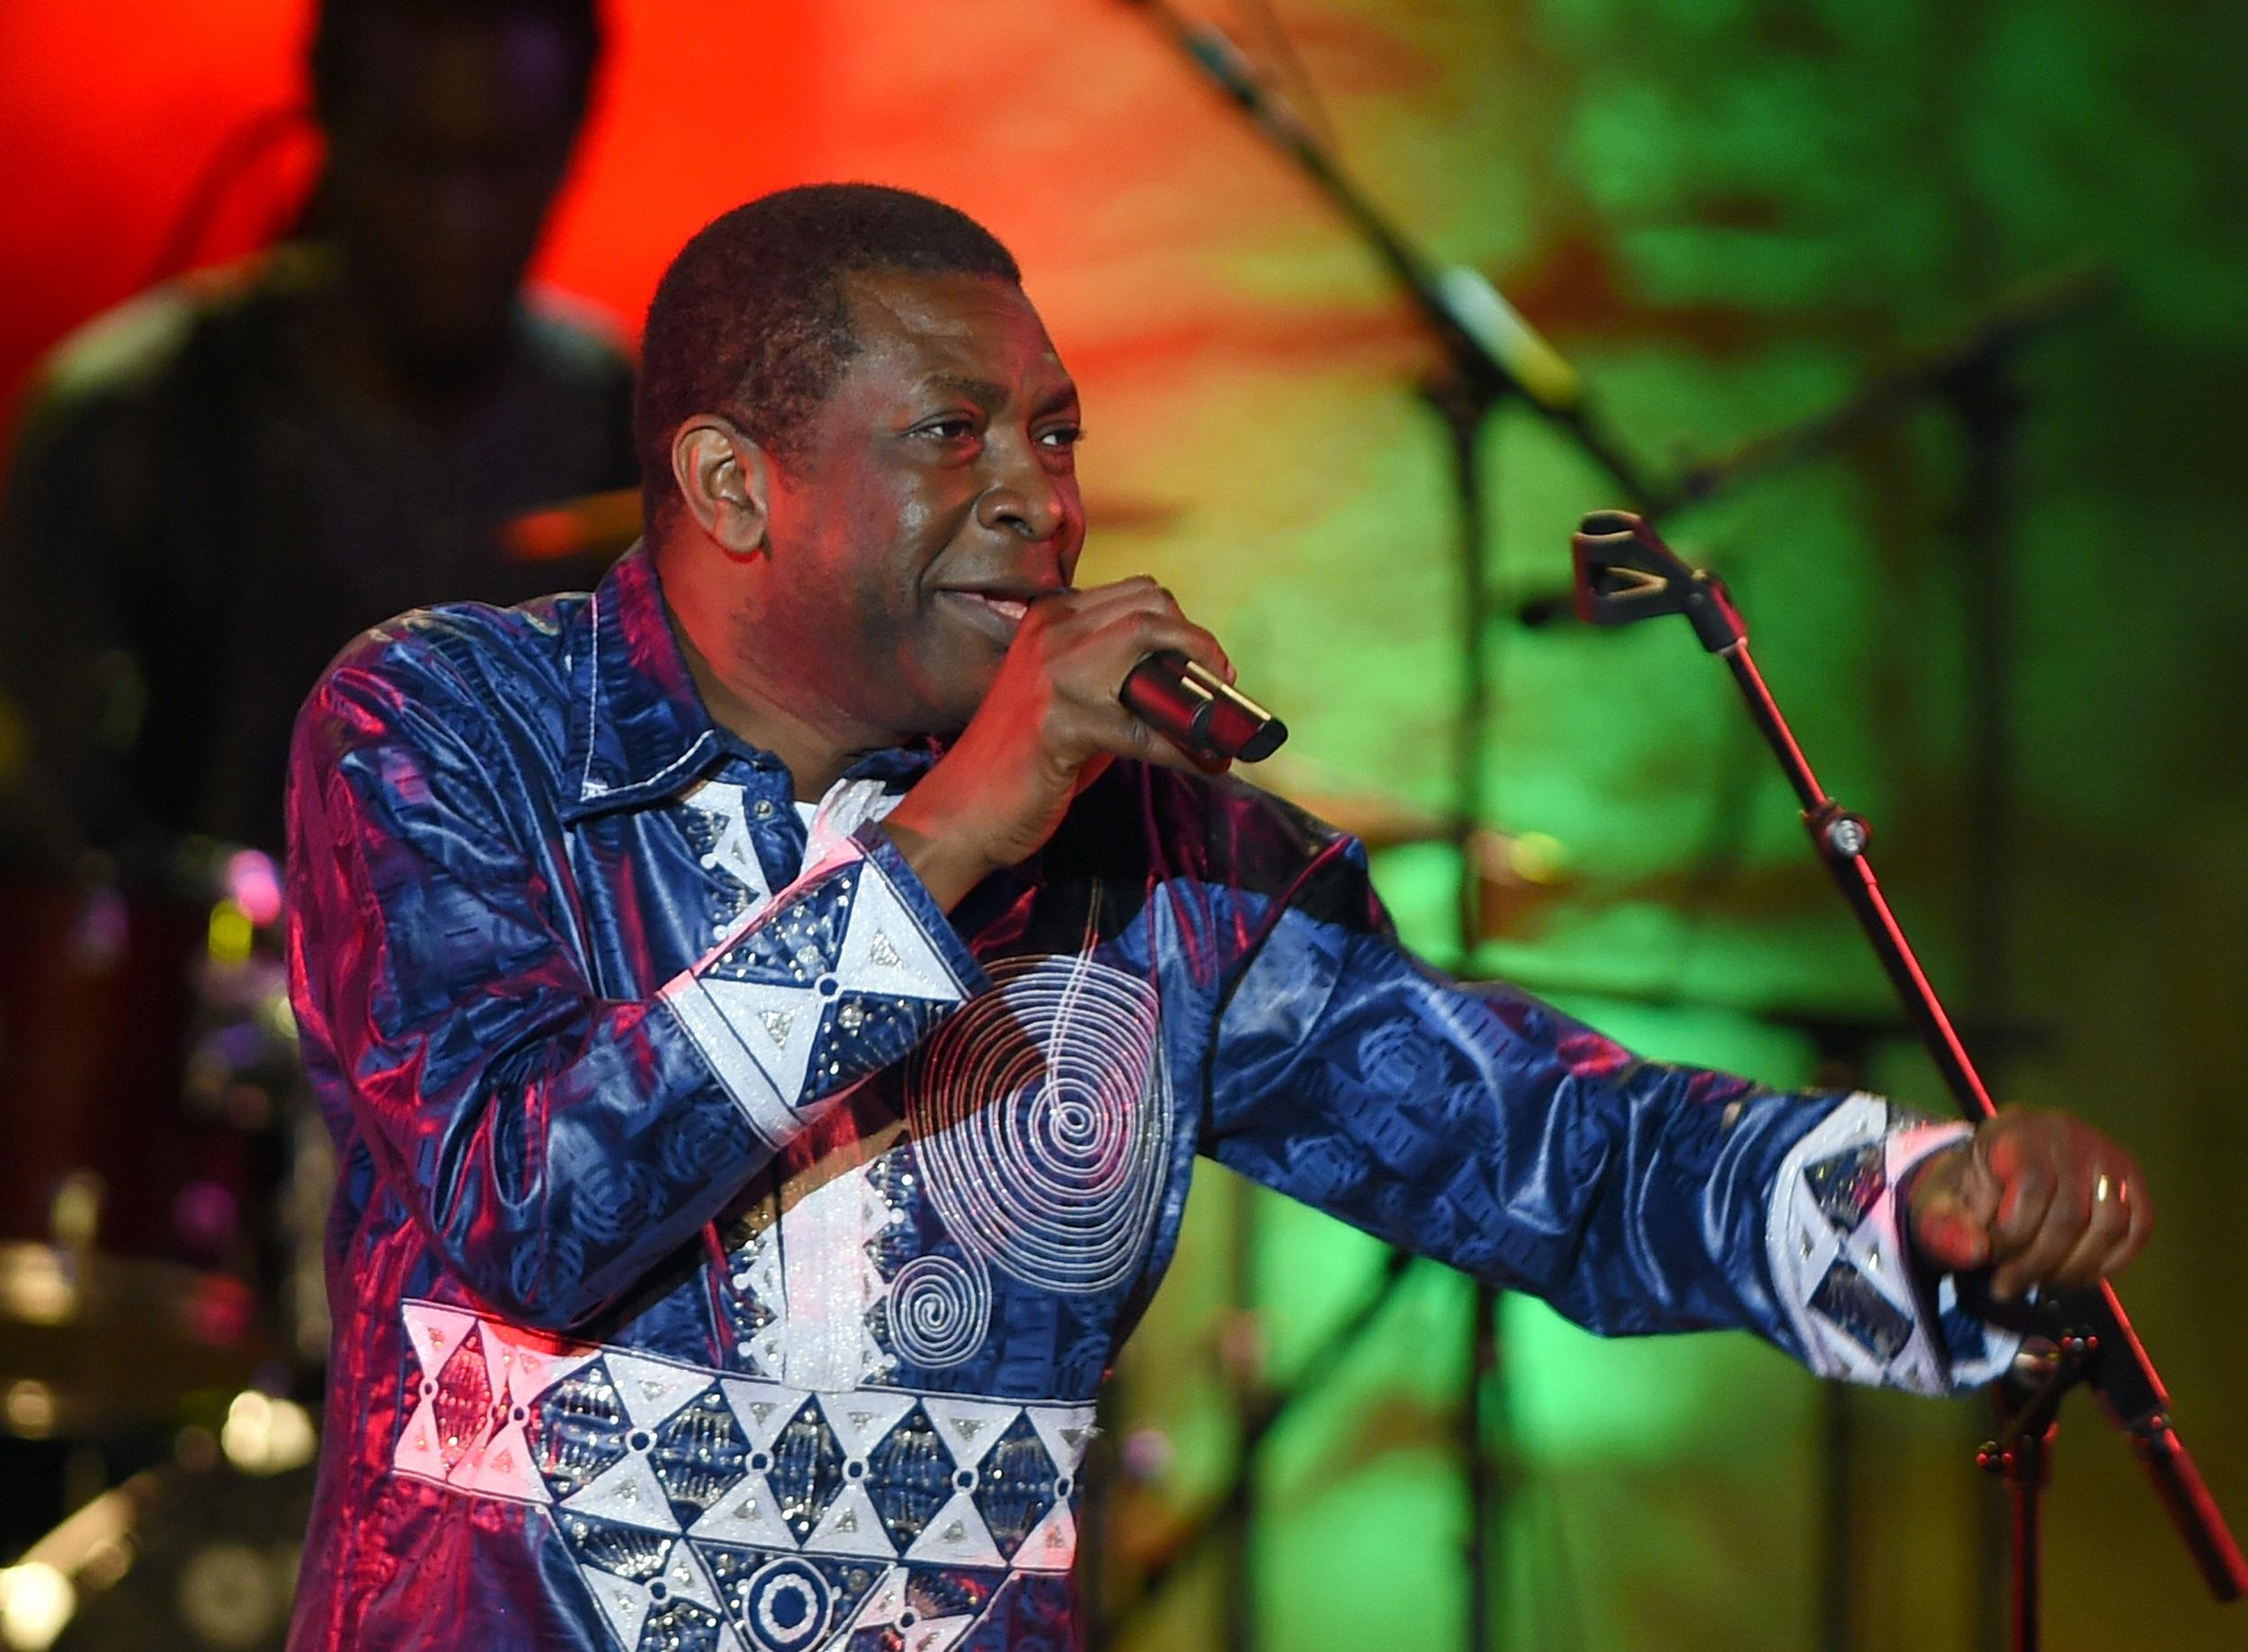 Youssou N'Dour, African artists among top international art